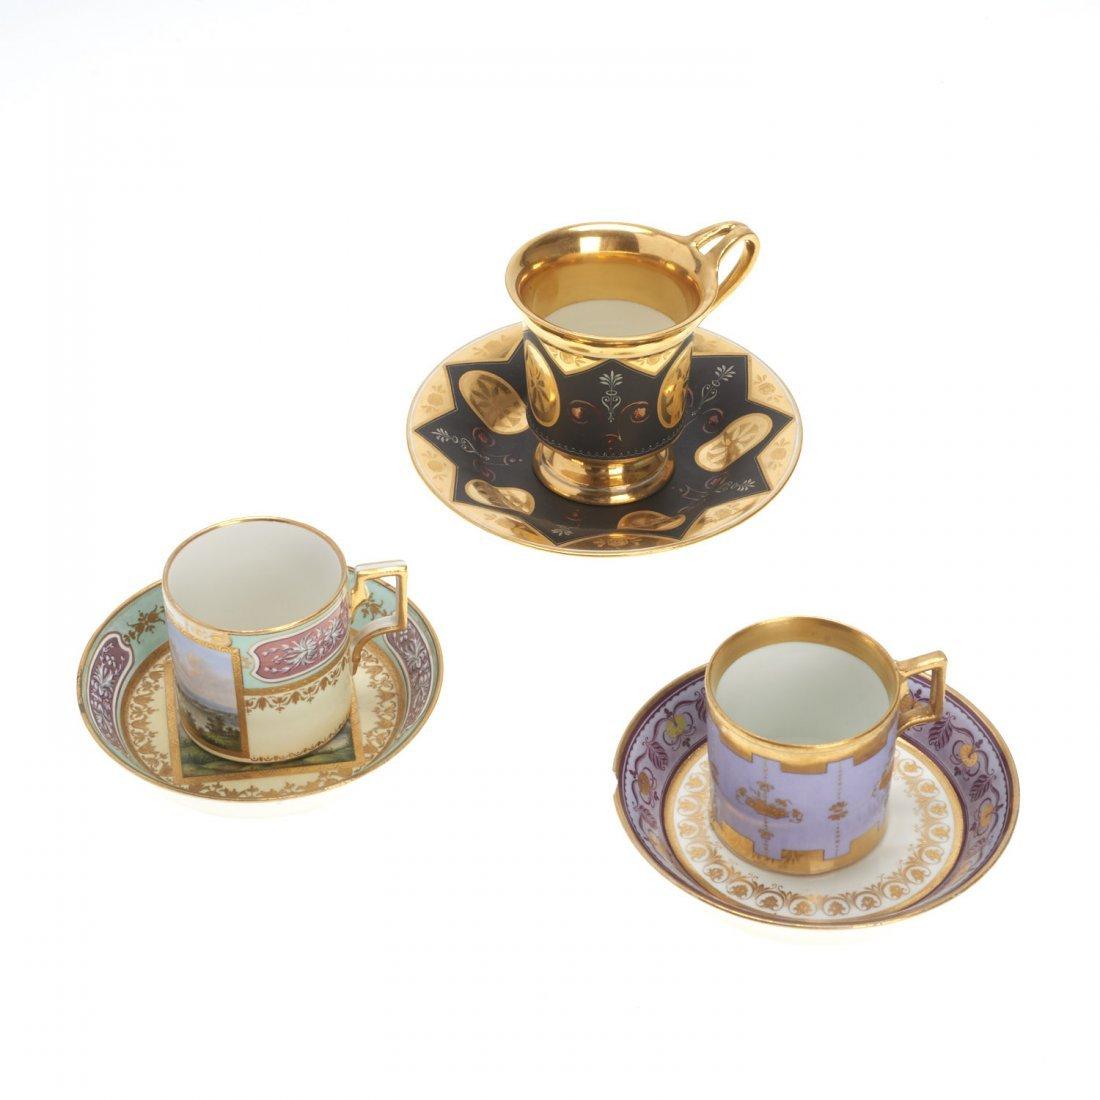 (3) Royal Vienna porcelain teacups/saucers - 2